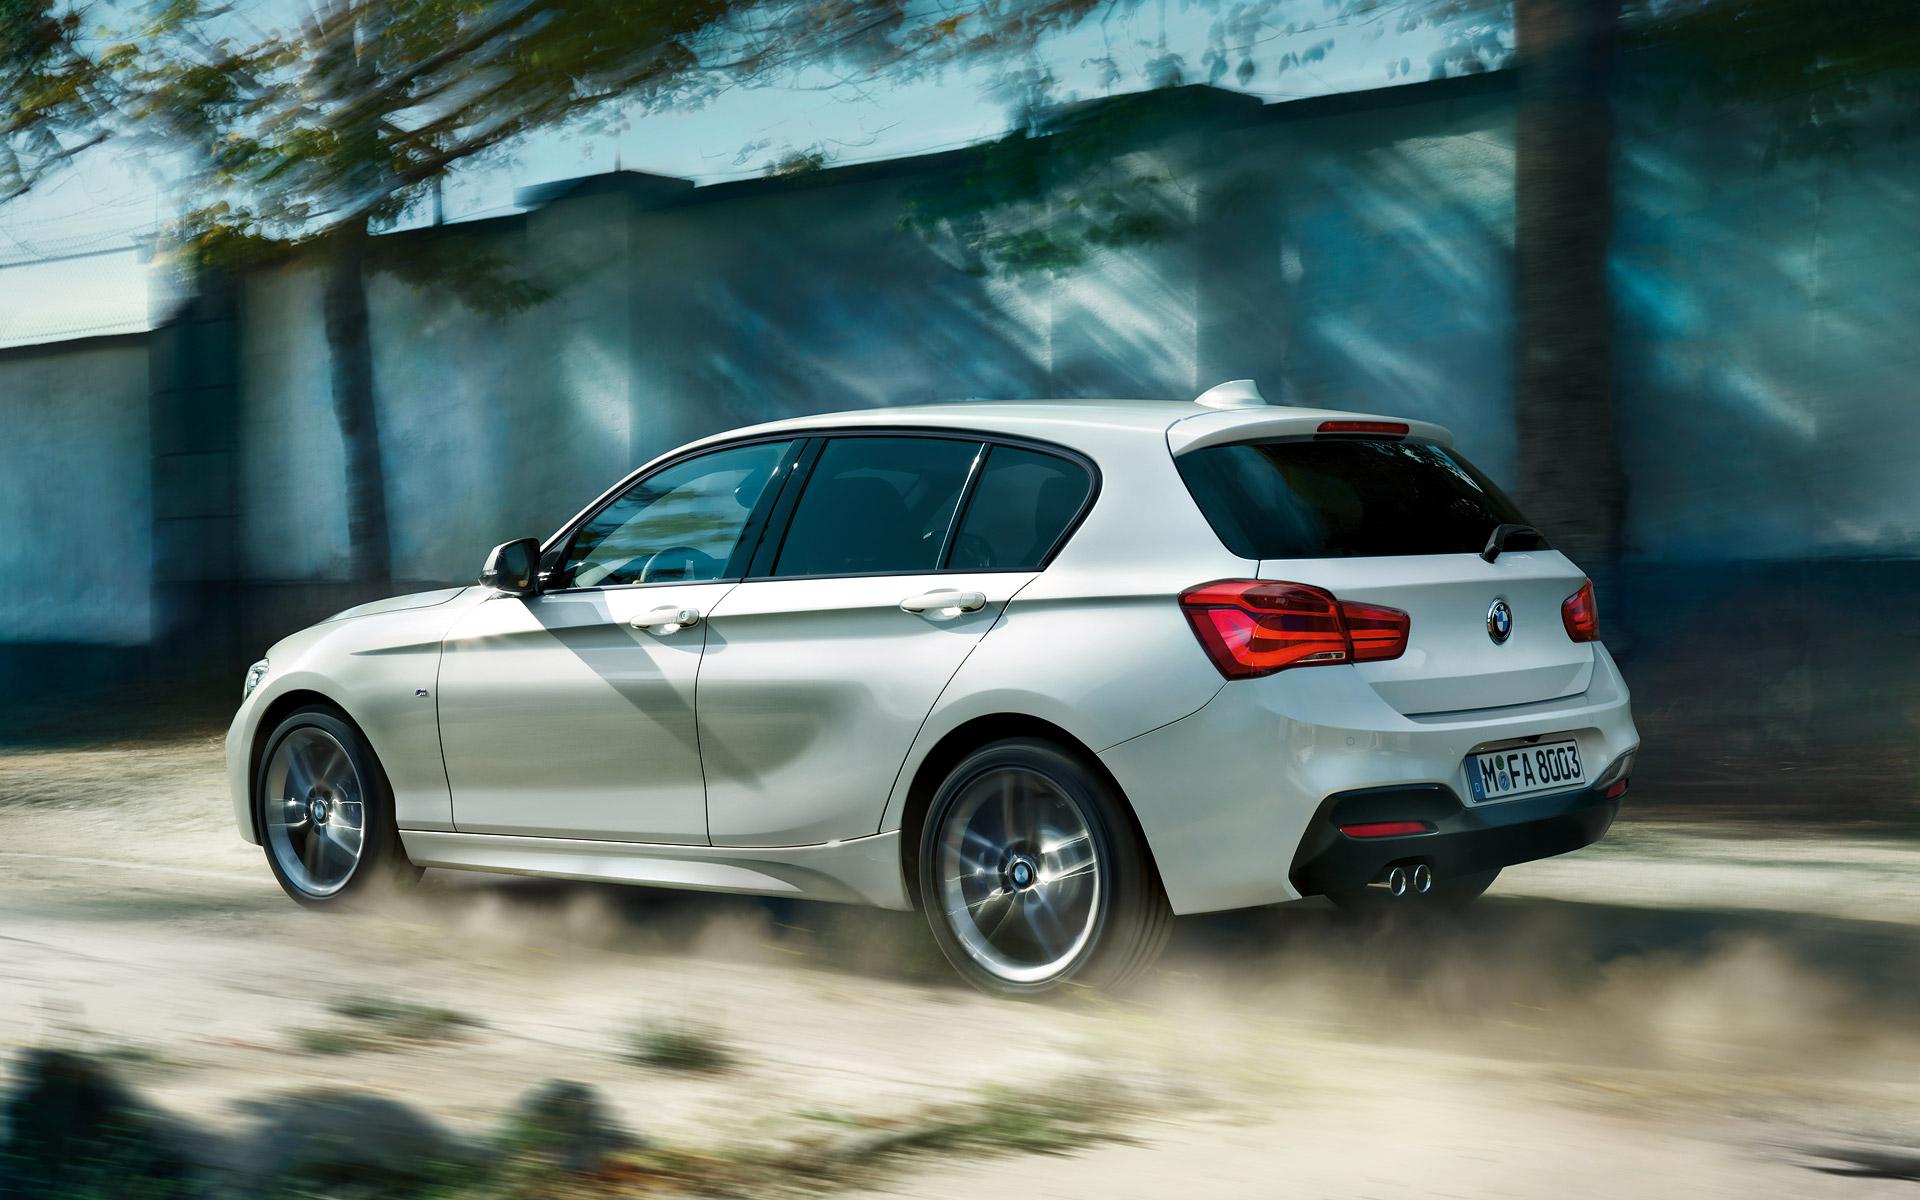 2015 BMW 1 Series Pricing: Starts at 22,950 Euros